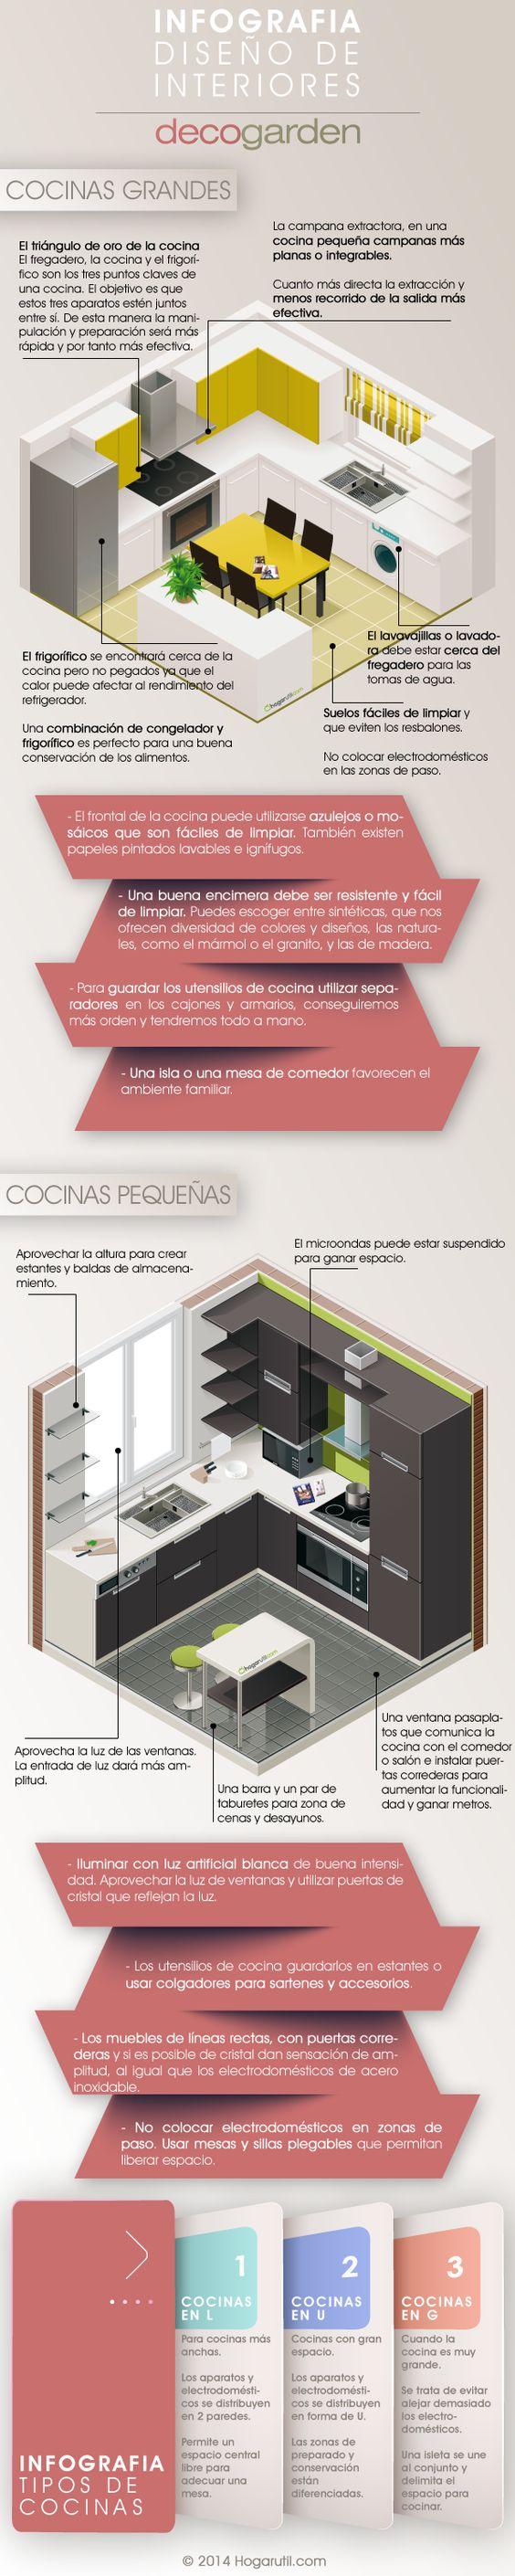 Infografía decoración de cocinas #infografia #decoracion